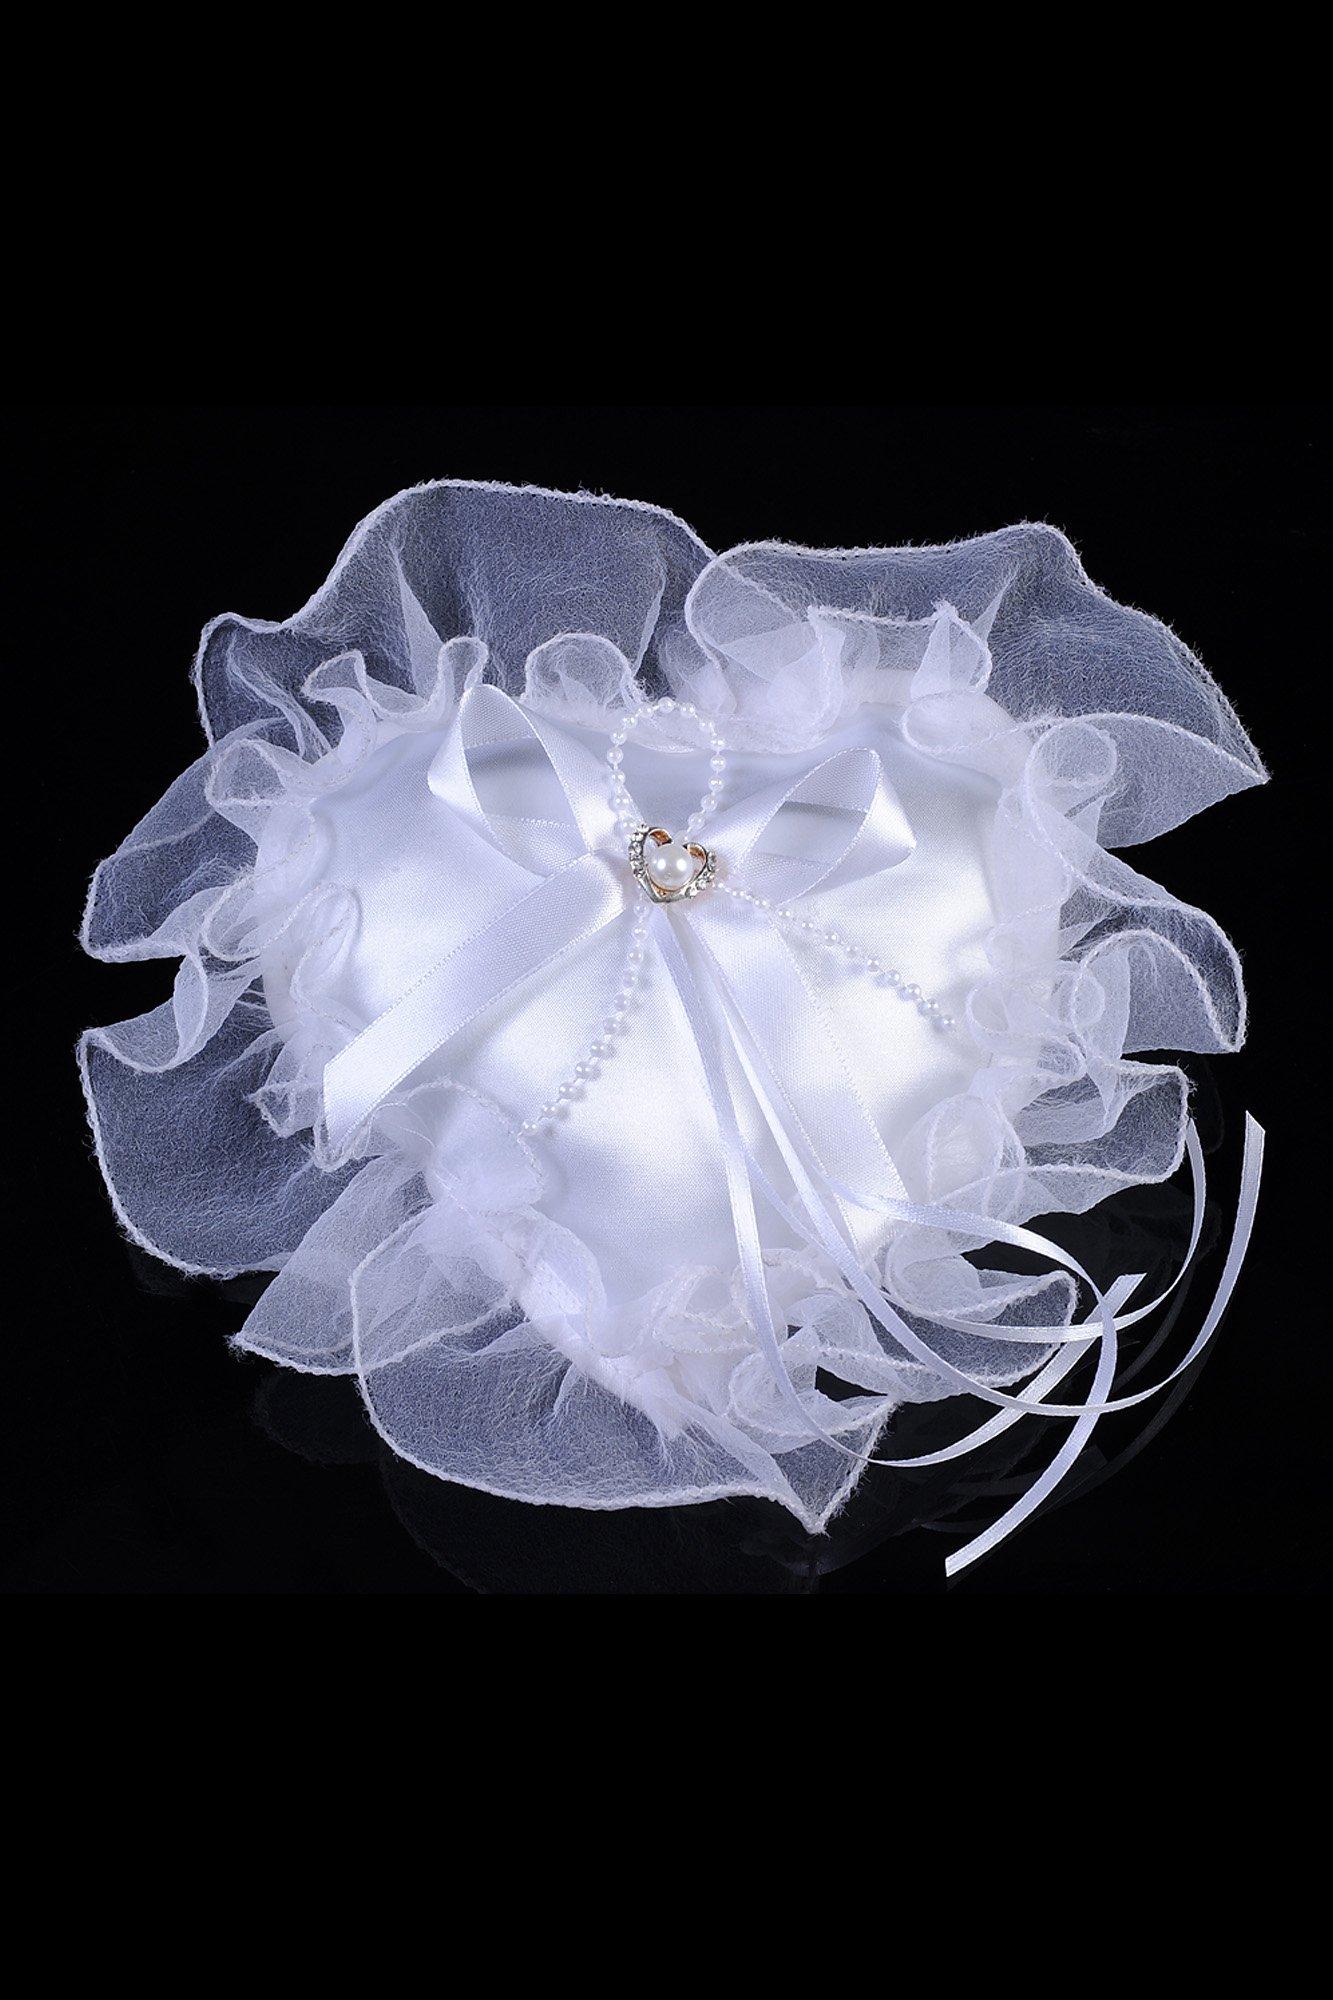 Торжественная подушечка для колец в форме сердечка с объемными оборками по краям.